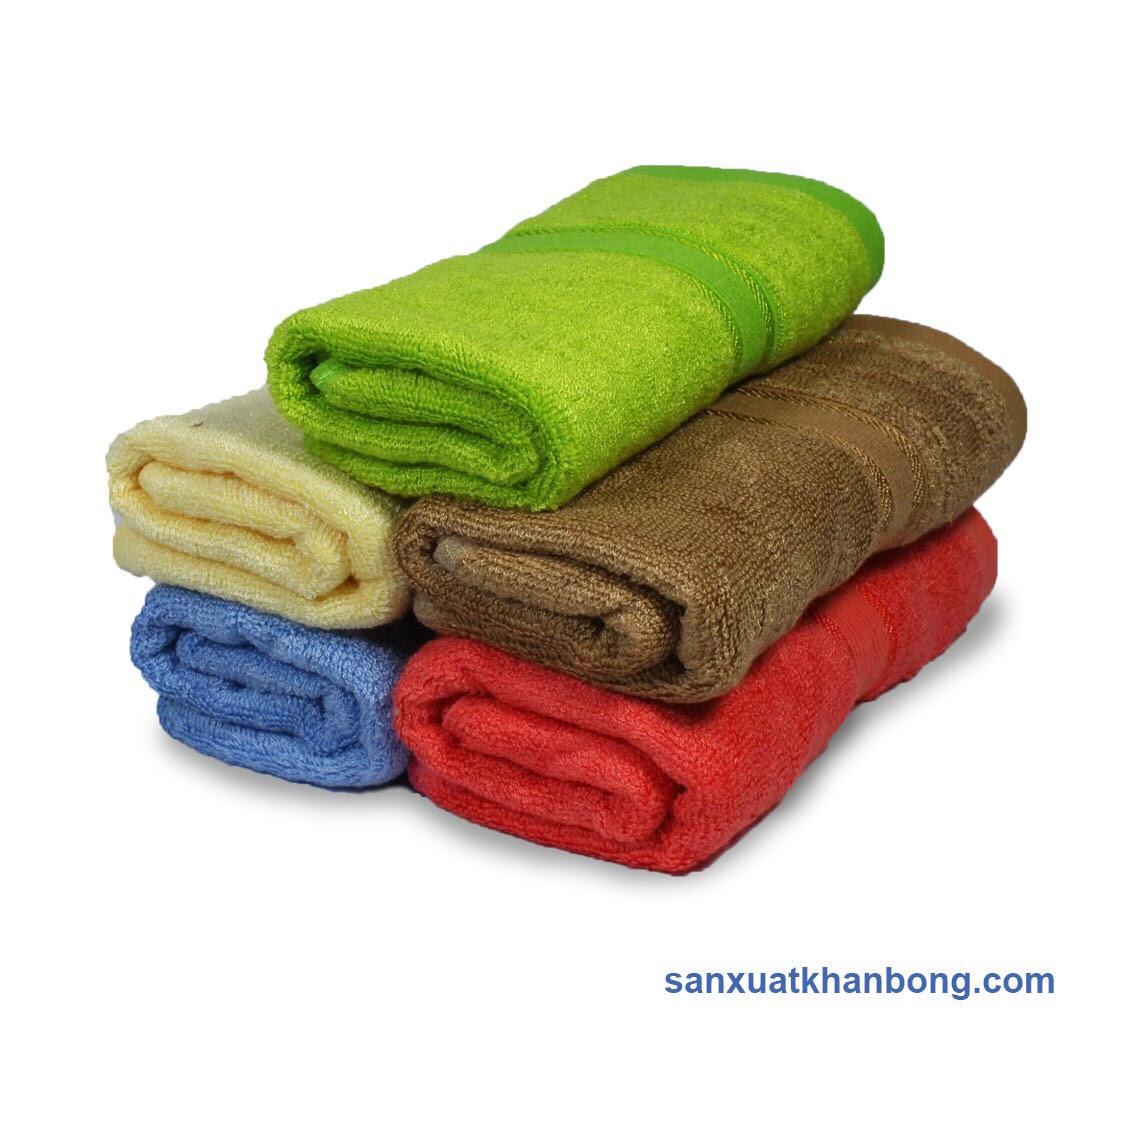 Tại sao nên chọn mua khăn bông tại Dệt May Tuấn Anh